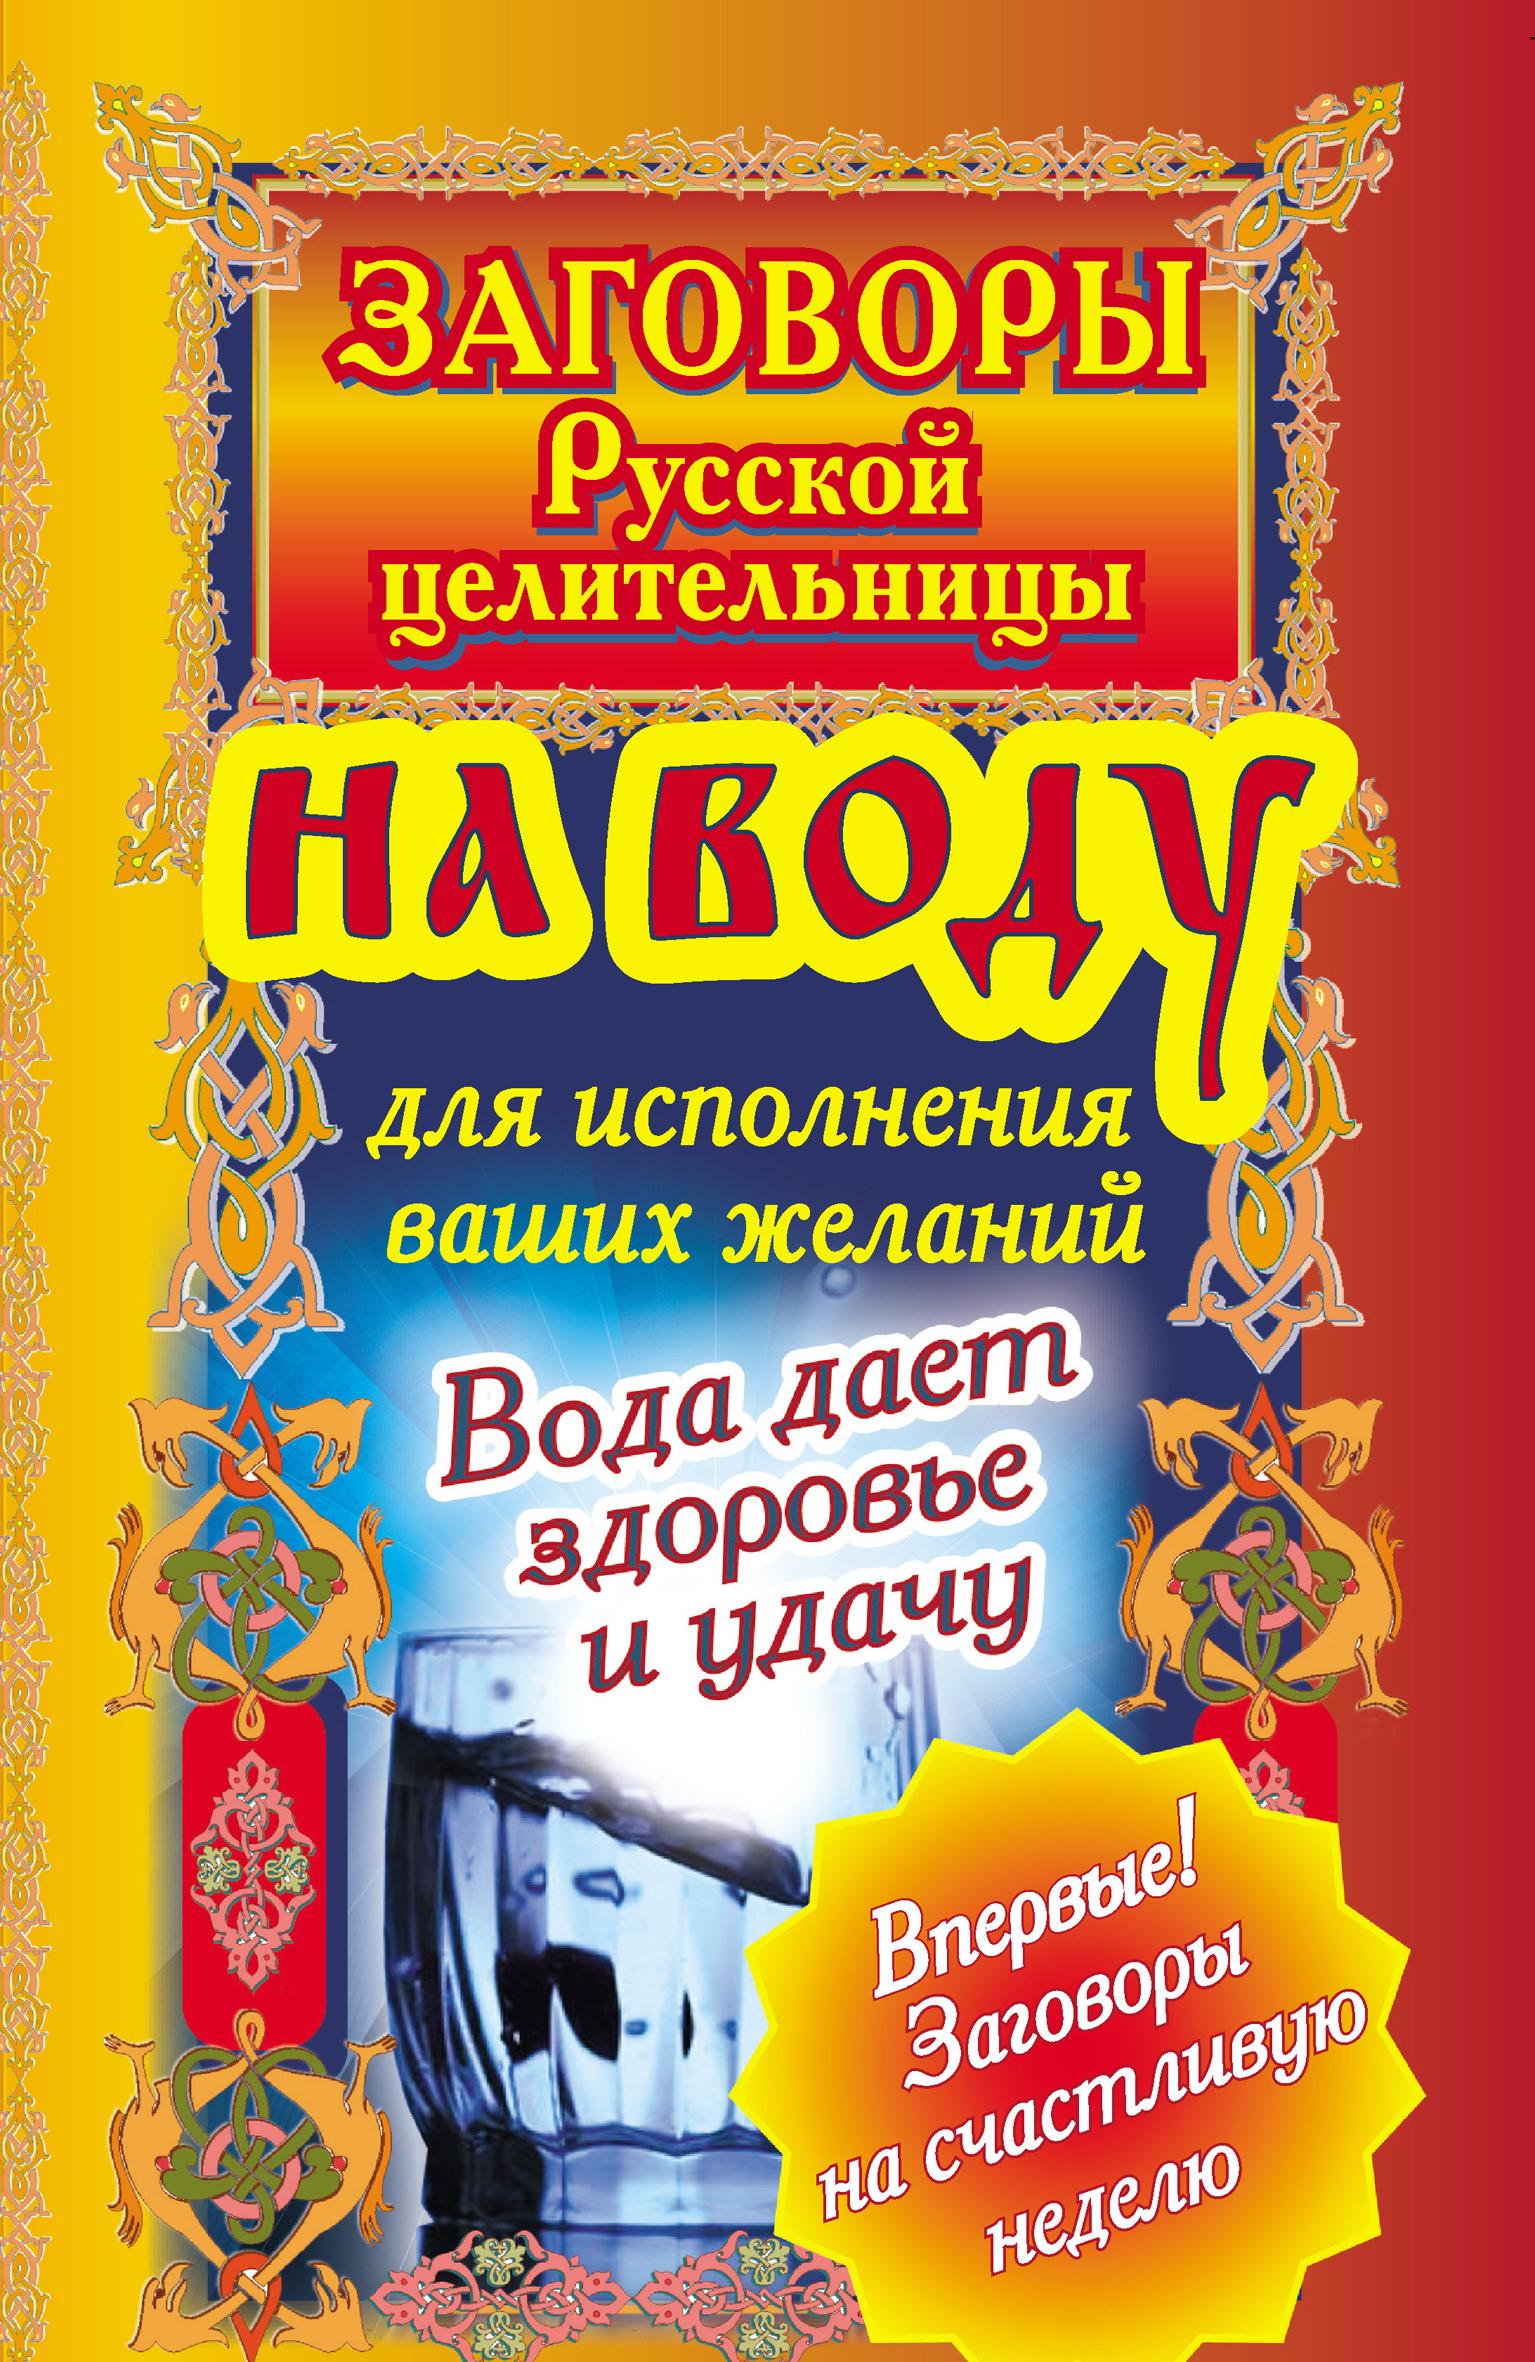 Заговоры русской целительницы на воду для исполнения ваших желаний. Вода дает здоровье и удачу